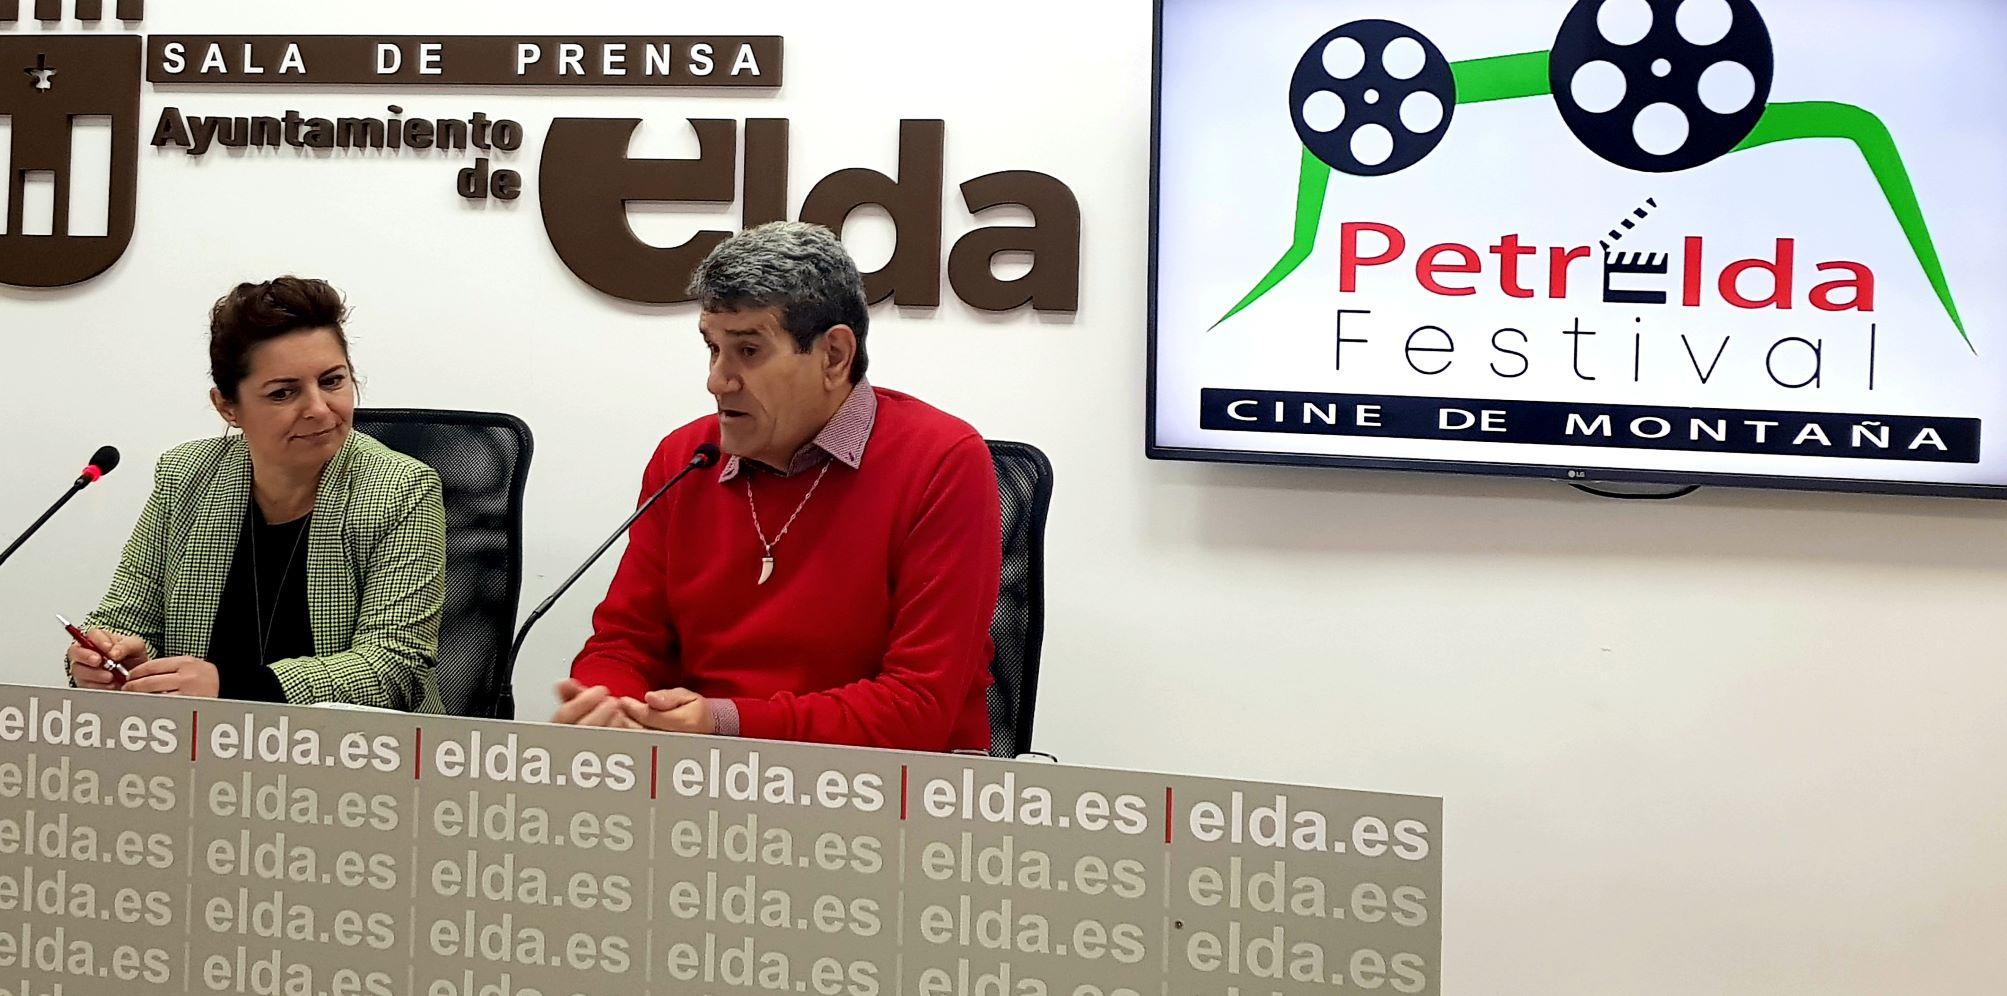 El Teatro Castelar acoge este viernes la proyección de los filmes premiados en el Festival de Cine de Montaña 'PetrElda'